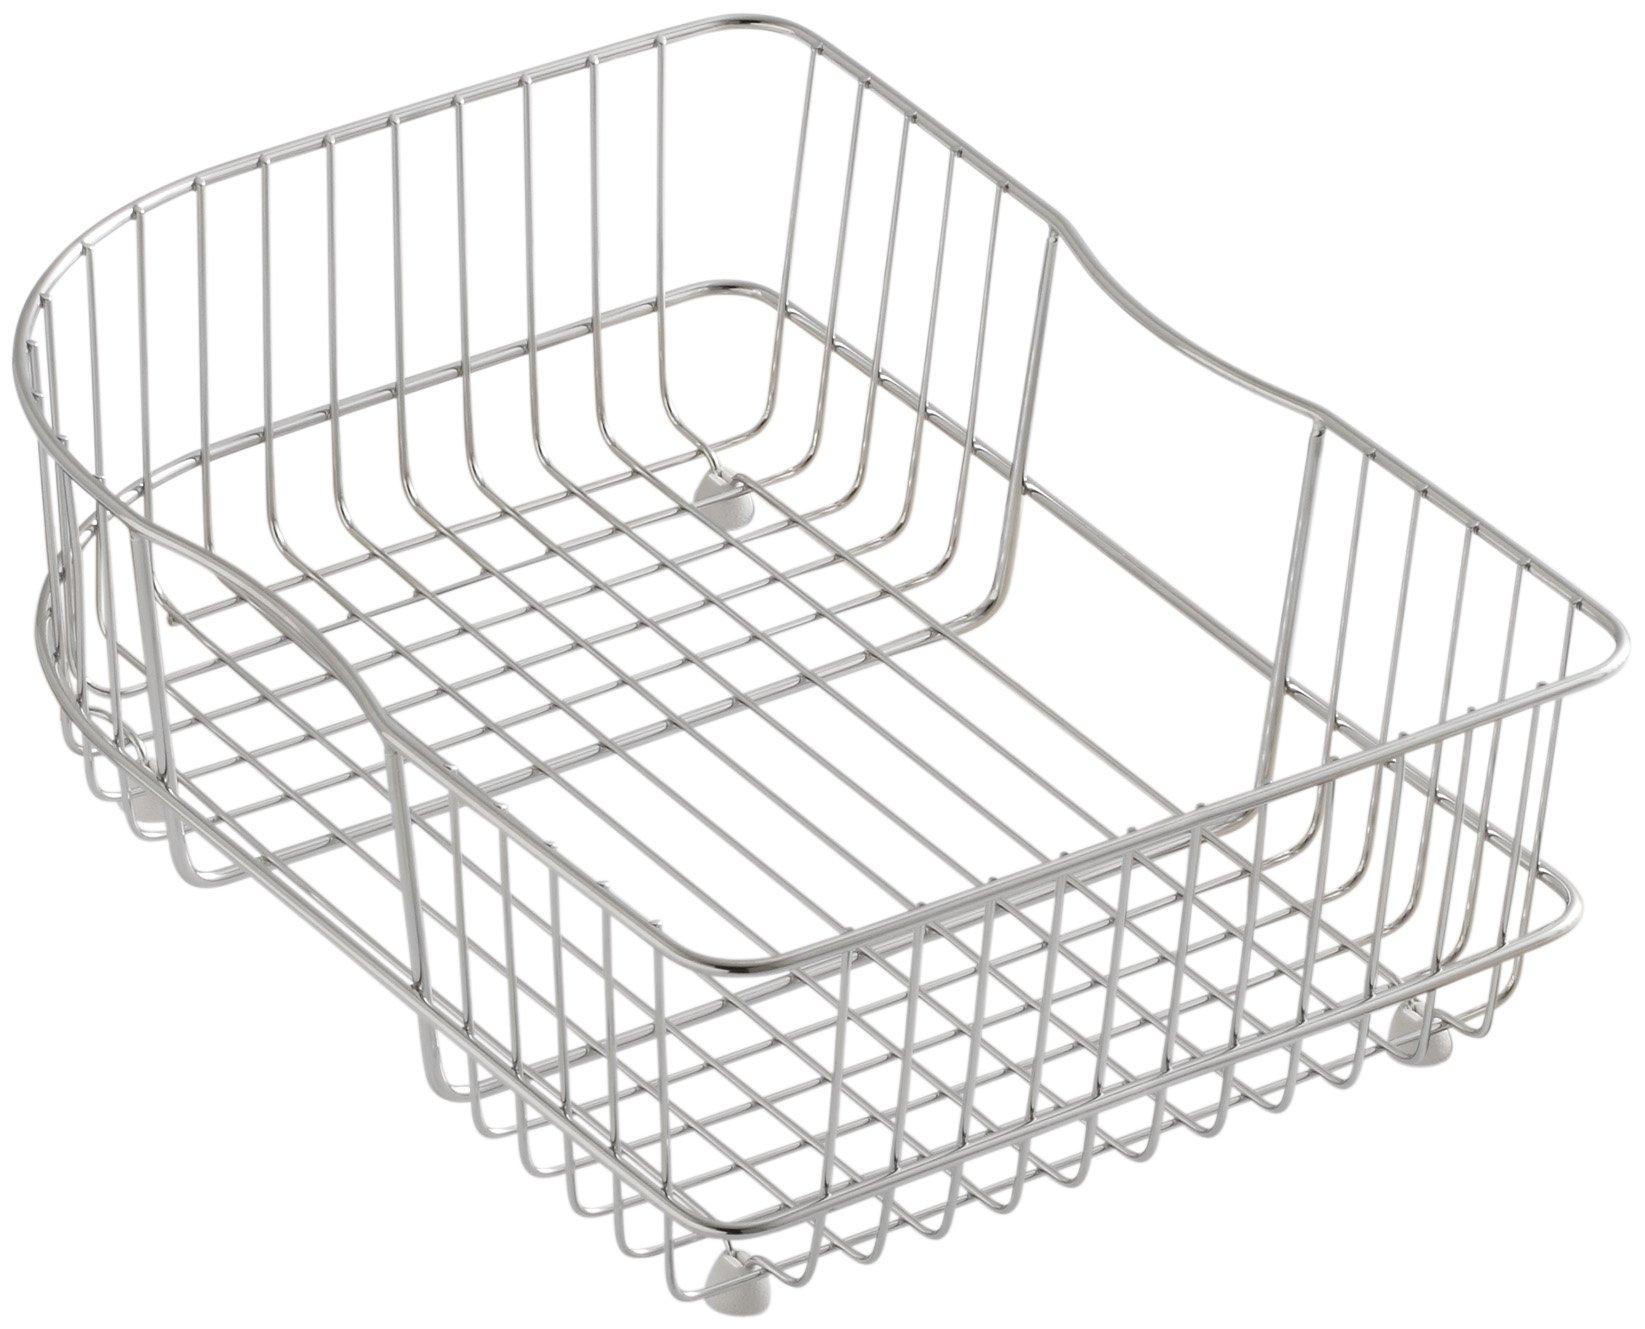 KOHLER K-6521-ST Wire Rinse Basket, Stainless Steel by Kohler